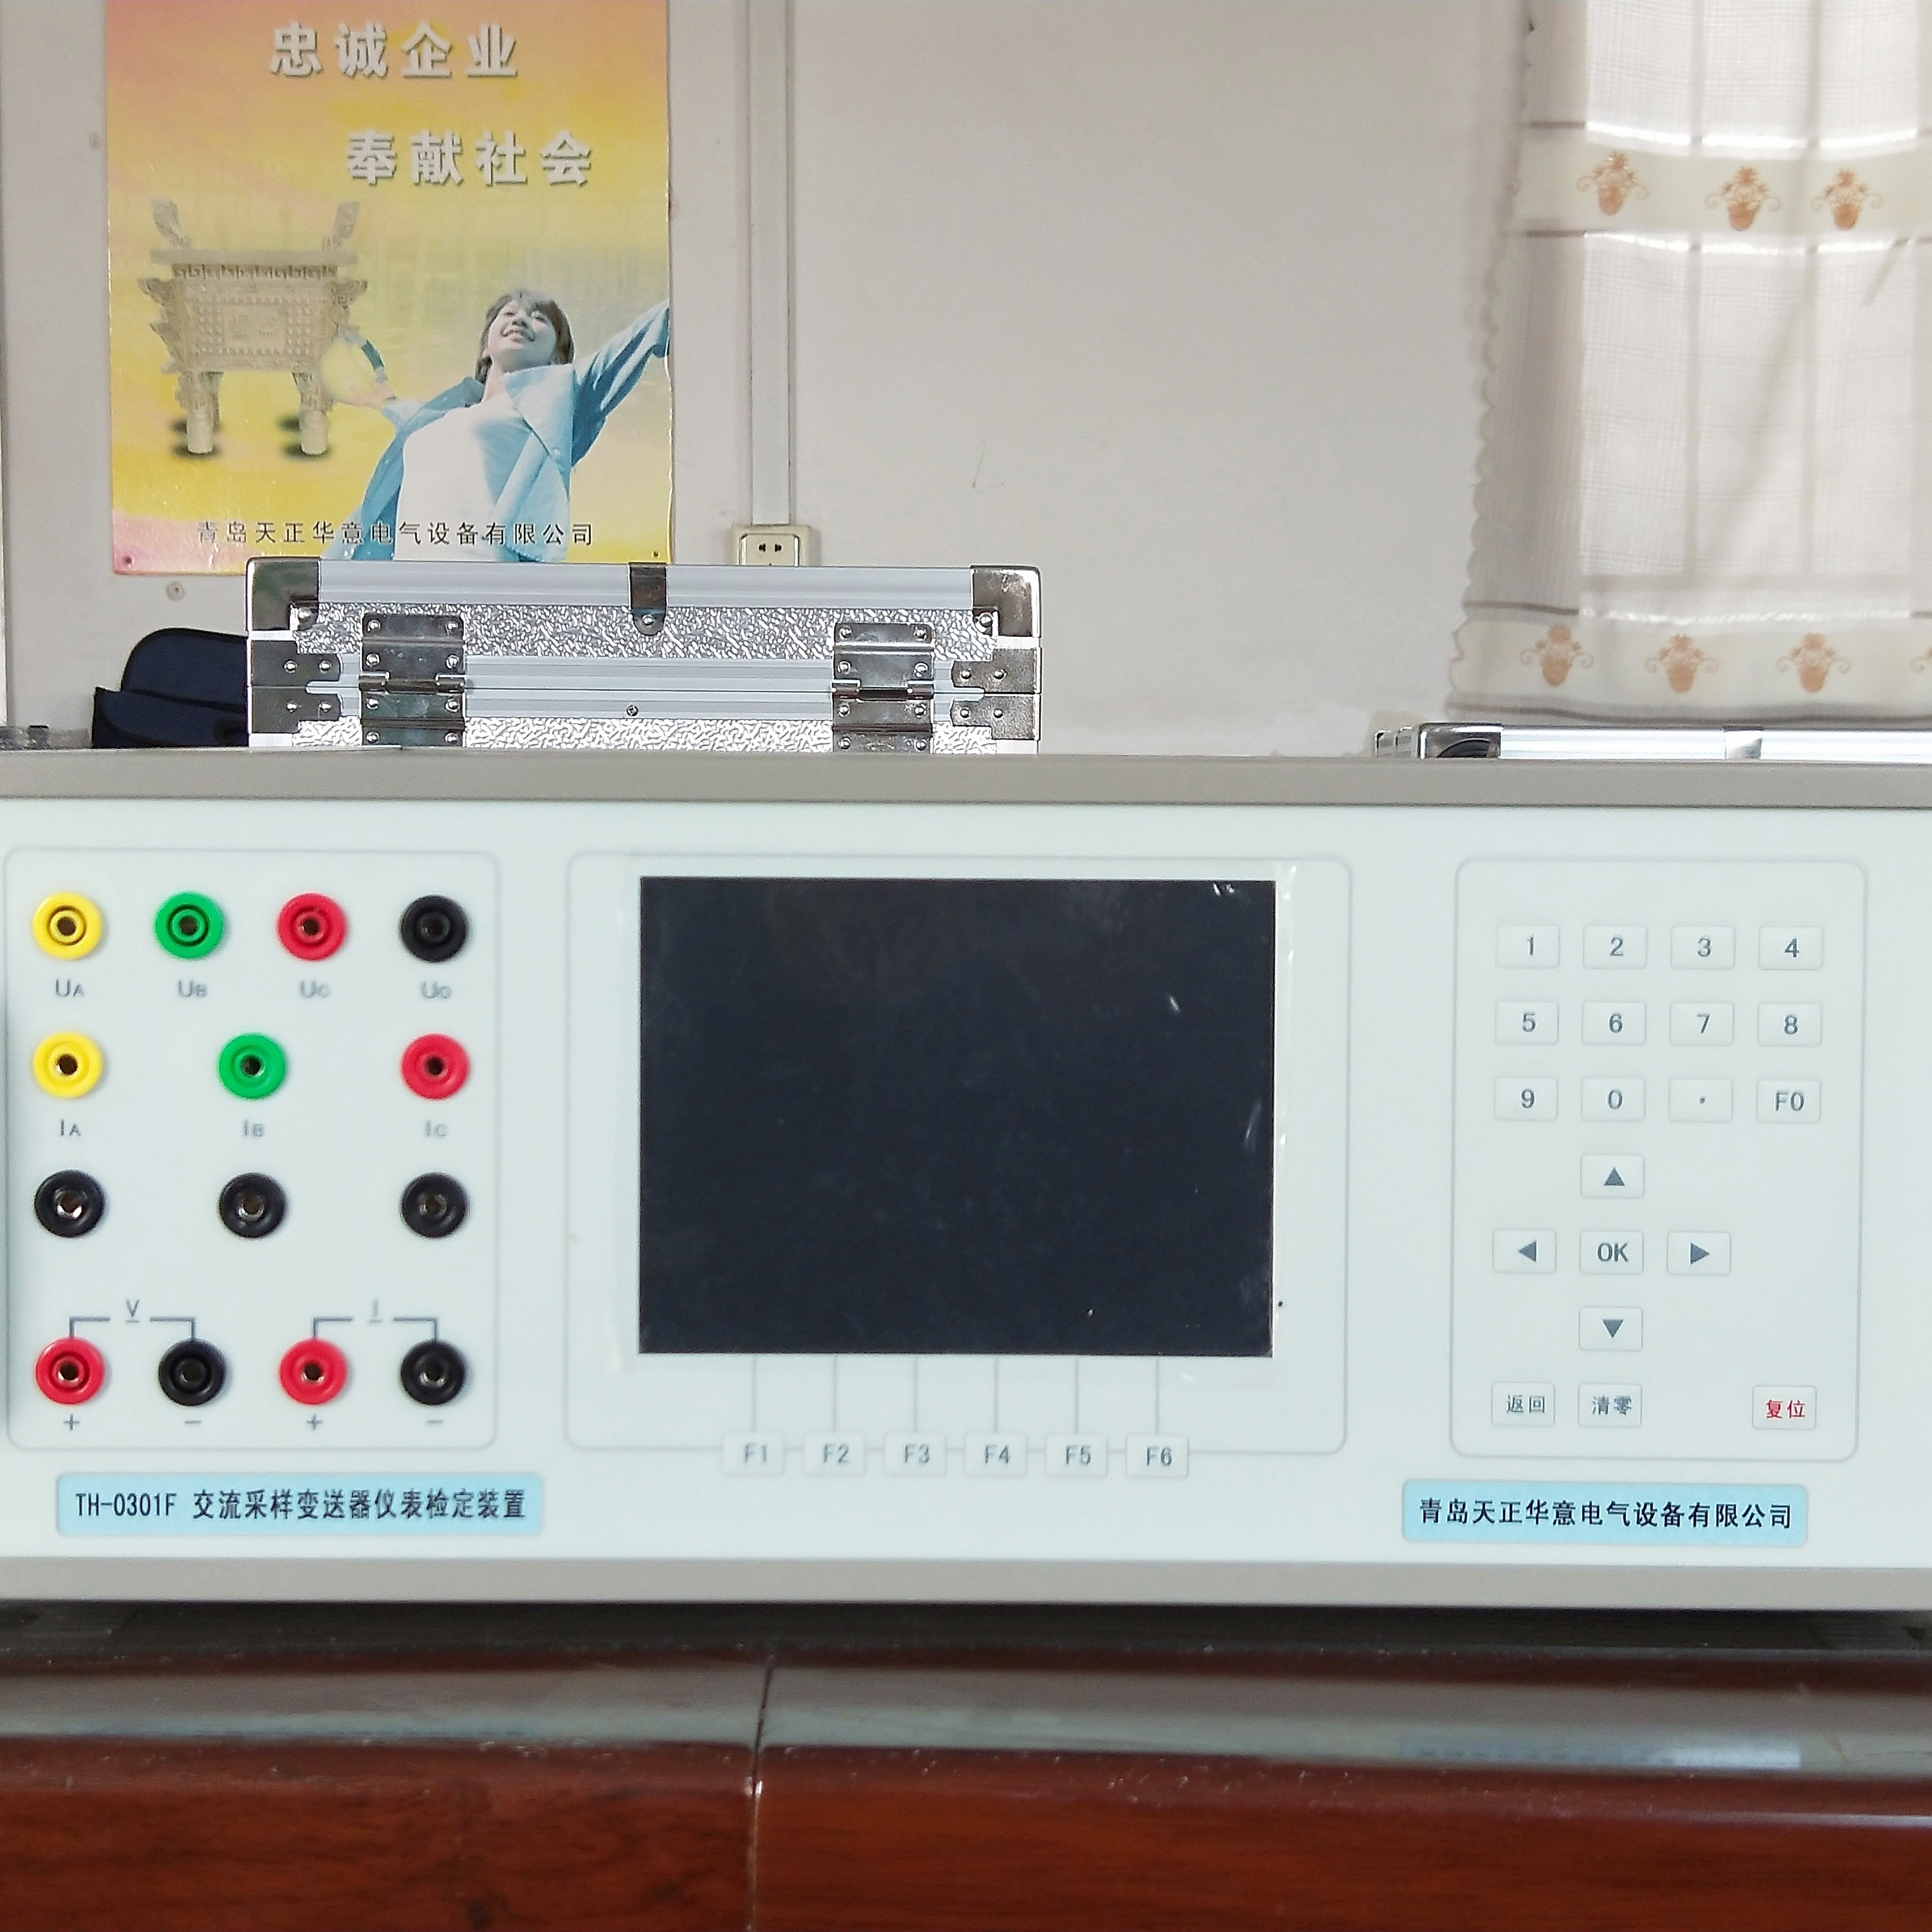 TH-0307直流标准源 ,生产直流标准功率源,三相交直流标准功率源,三相标准功率源 ,三相交流标准功率源